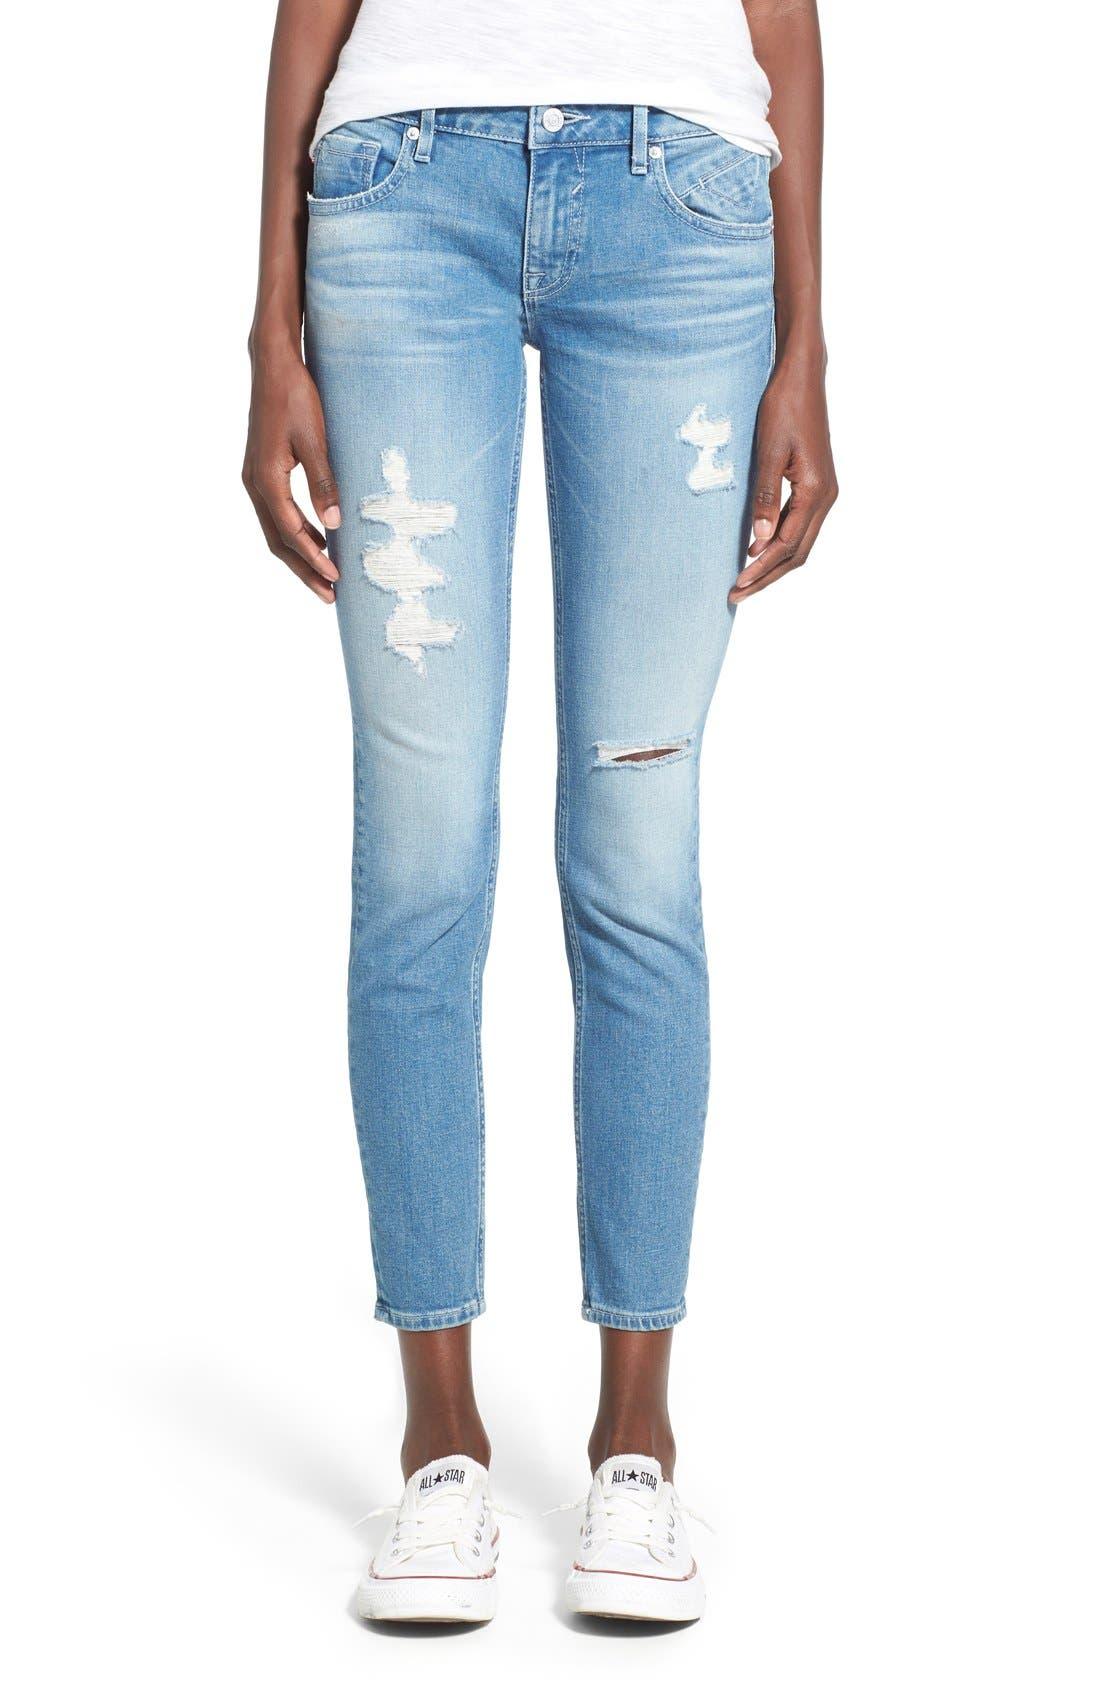 Alternate Image 1 Selected - Vigoss 'Chelsea' Super Skinny Jeans (Light Wash)